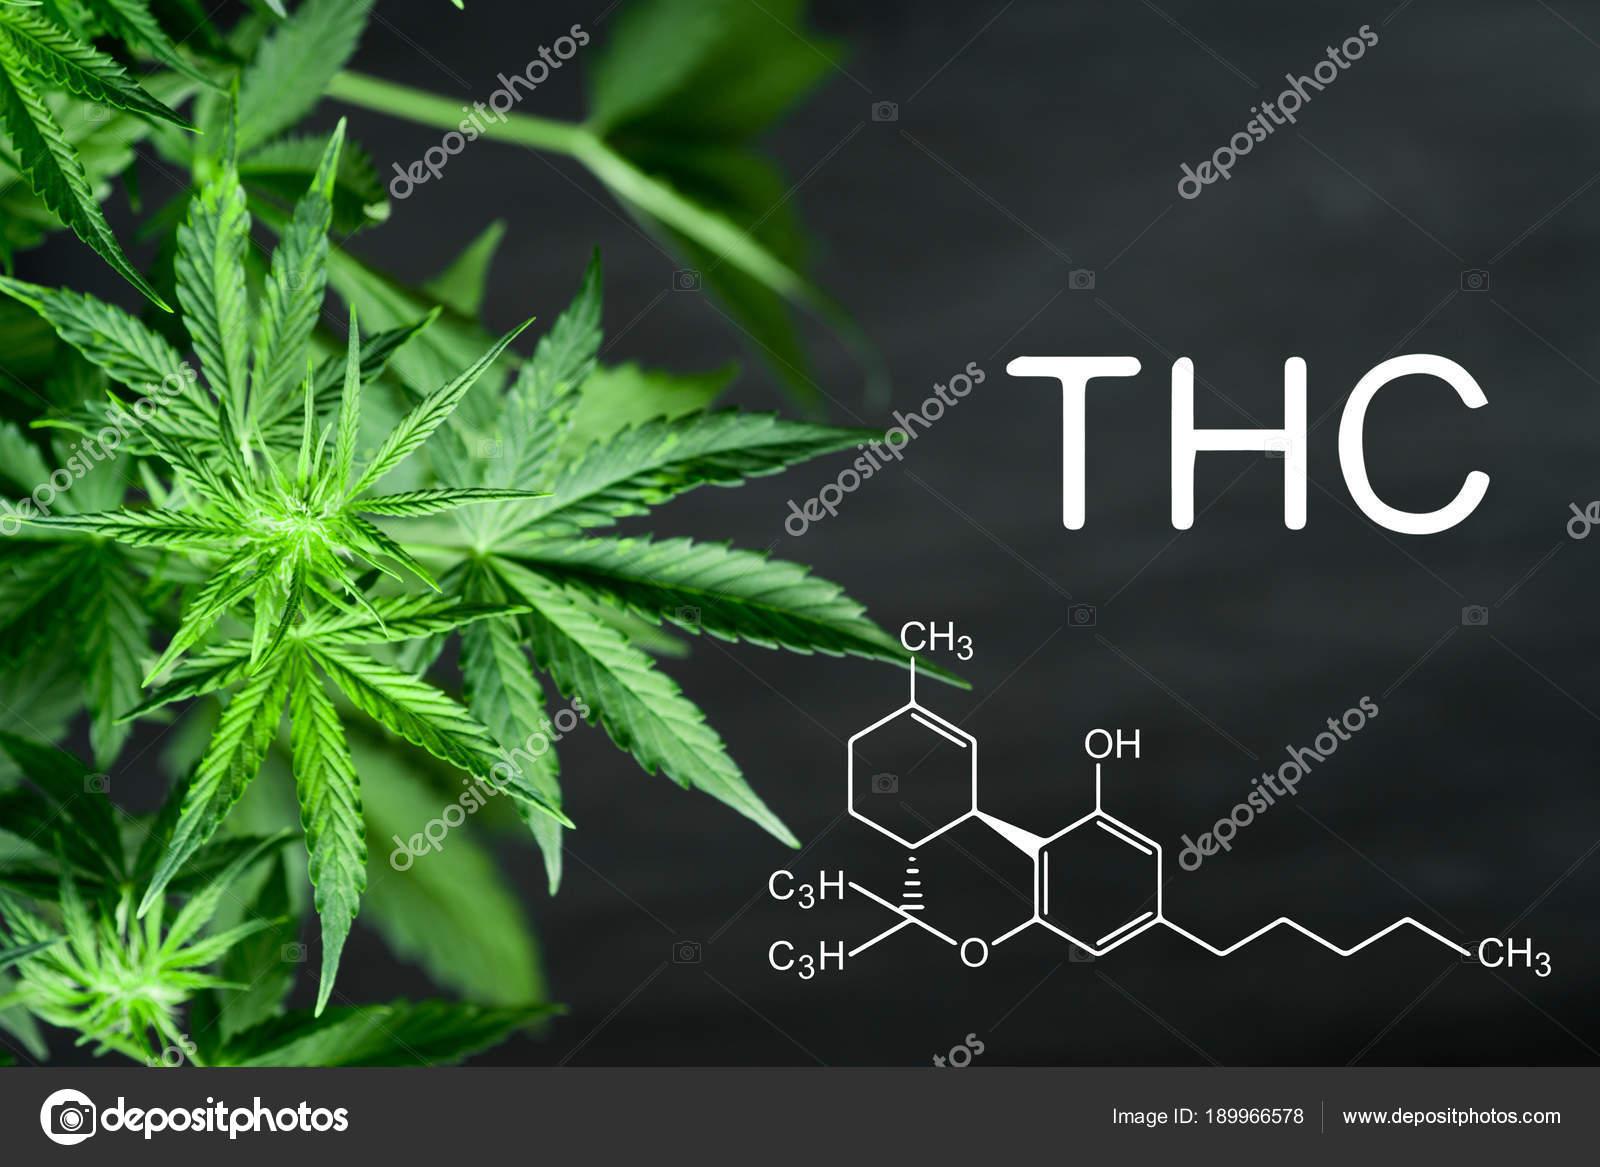 Thc Chemische Formel Schöne Hintergrund Von Grünen Cannabis